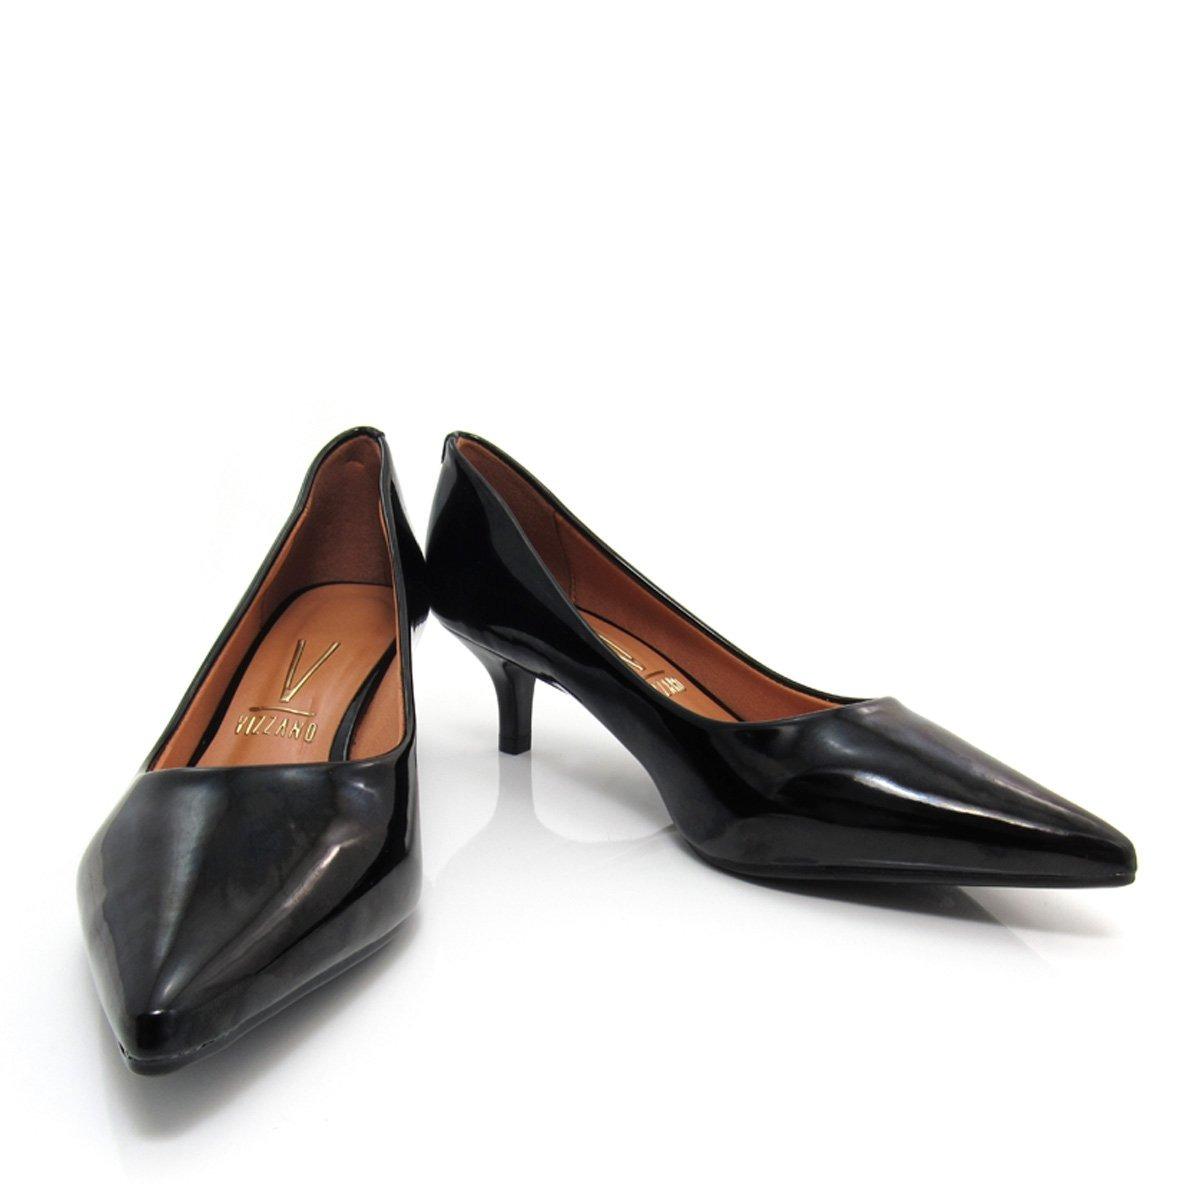 c8d8670b48 sapato scarpin feminino vizzano bico fino 1122600 nude preto. Carregando  zoom.